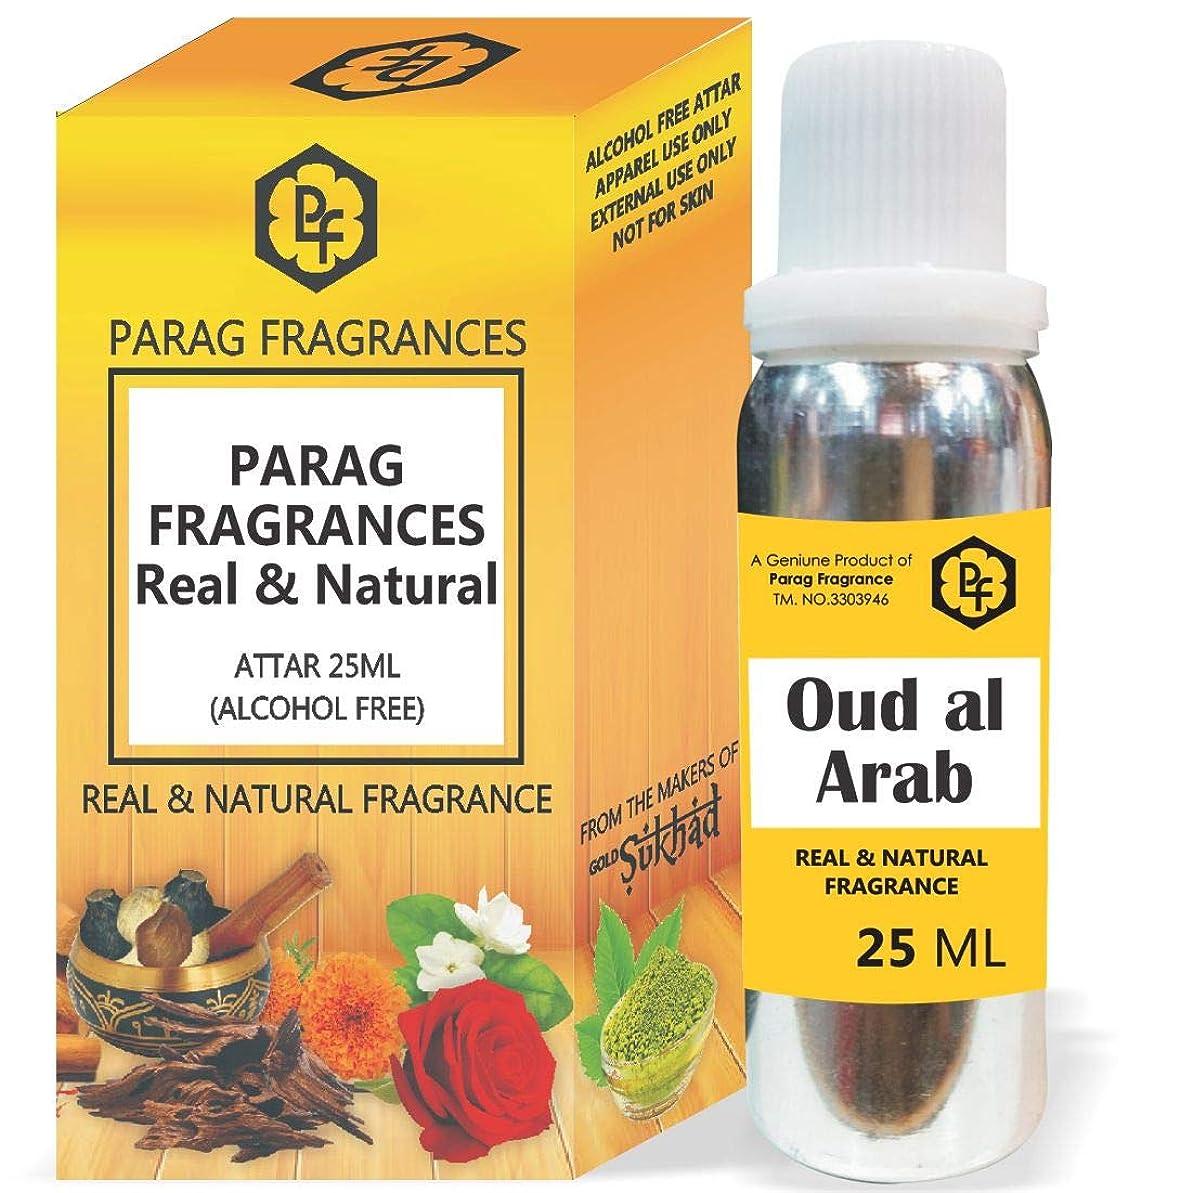 エアコン貧しい不良品50/100/200/500パック内の他のエディションファンシー空き瓶でParagフレグランス25ミリリットルウードアルアラブアター(アルコールフリー、ロングラスティング、ナチュラルアター)